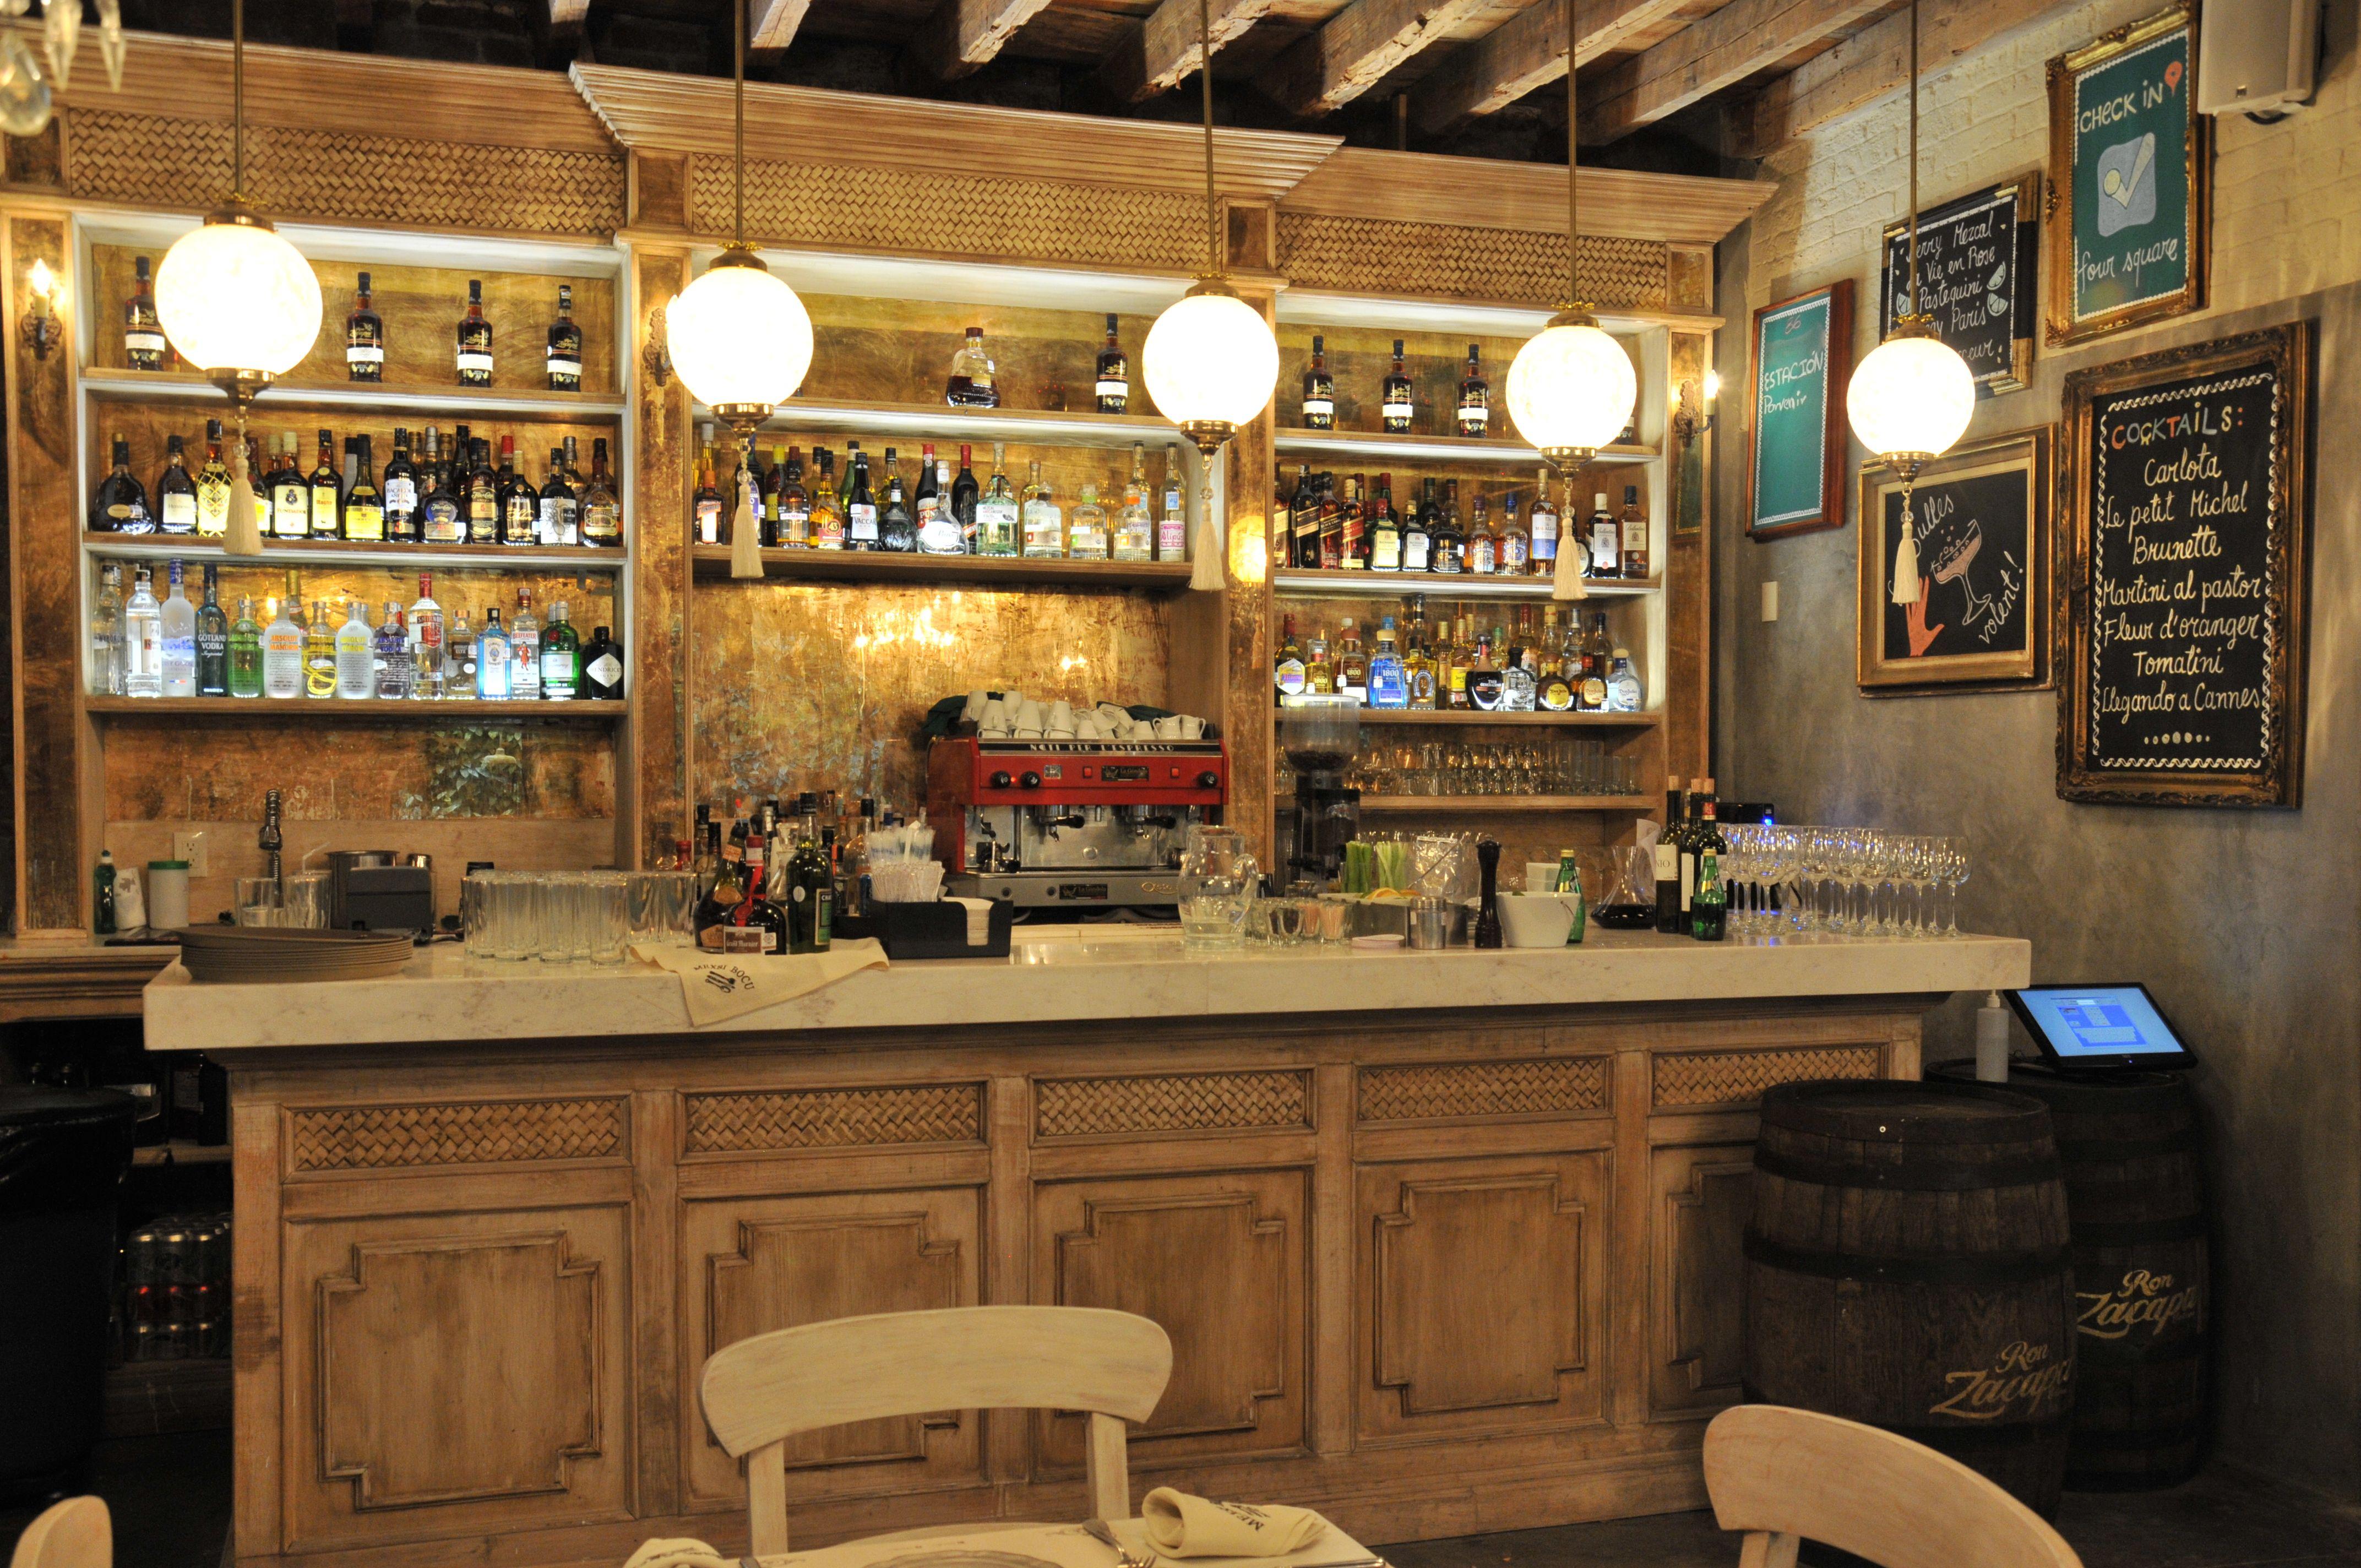 Barra de servicio de cocteler a para mexsi bocu cantina for Diseno de cantinas para el hogar